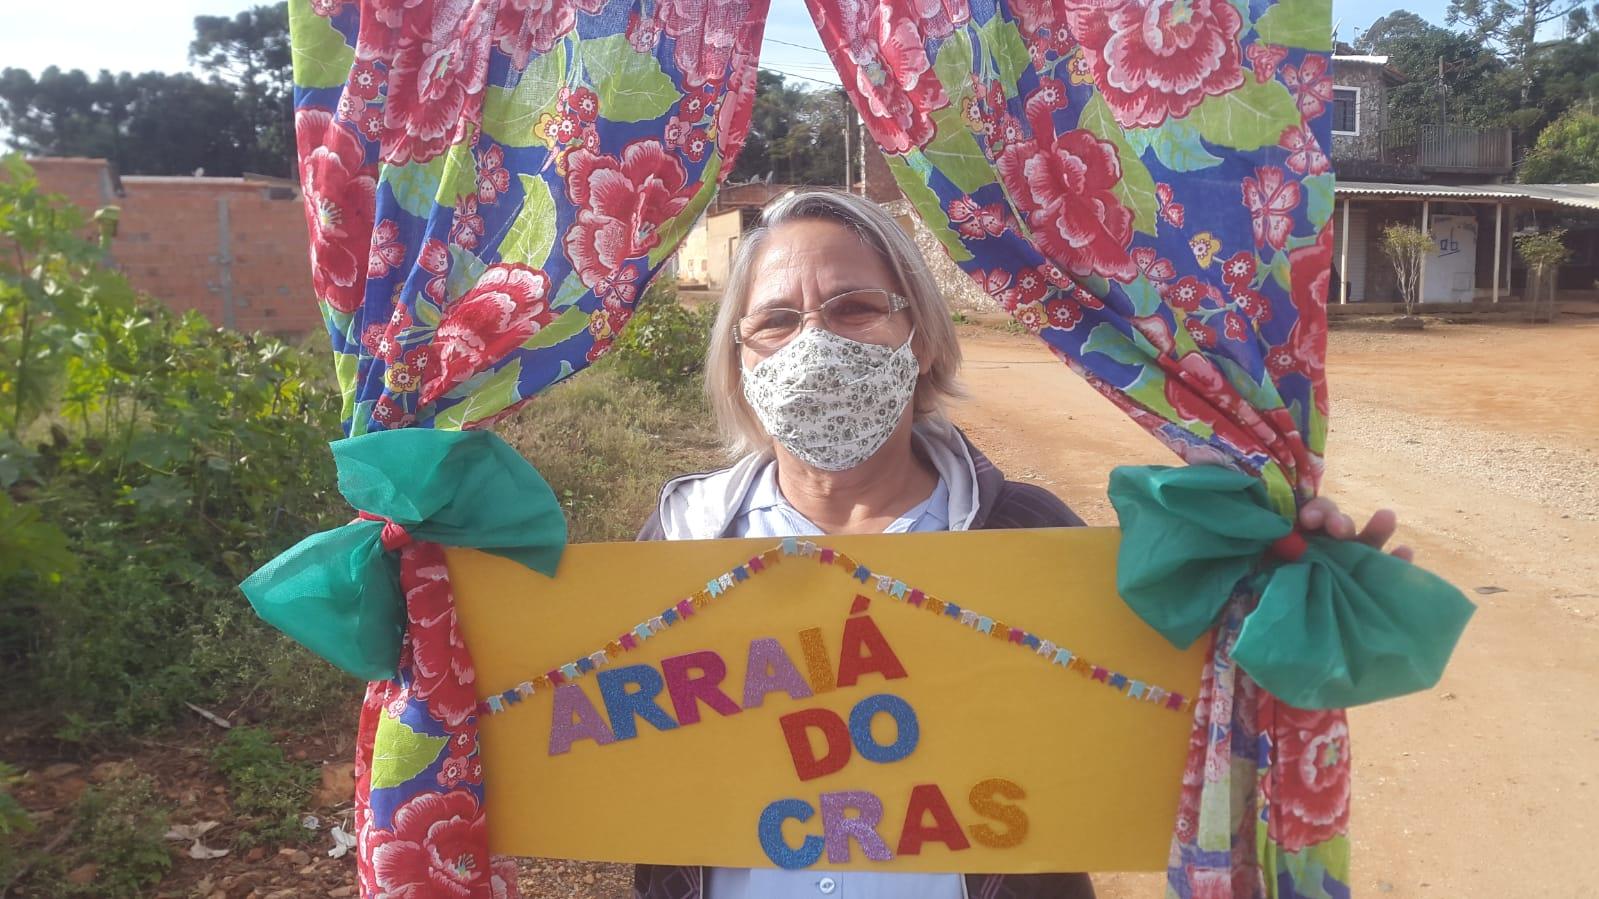 CRAS de Itararé (SP) realiza Arraiá Delivery para idosos do Serviço de Convivência e Fortalecimento de Vínculos